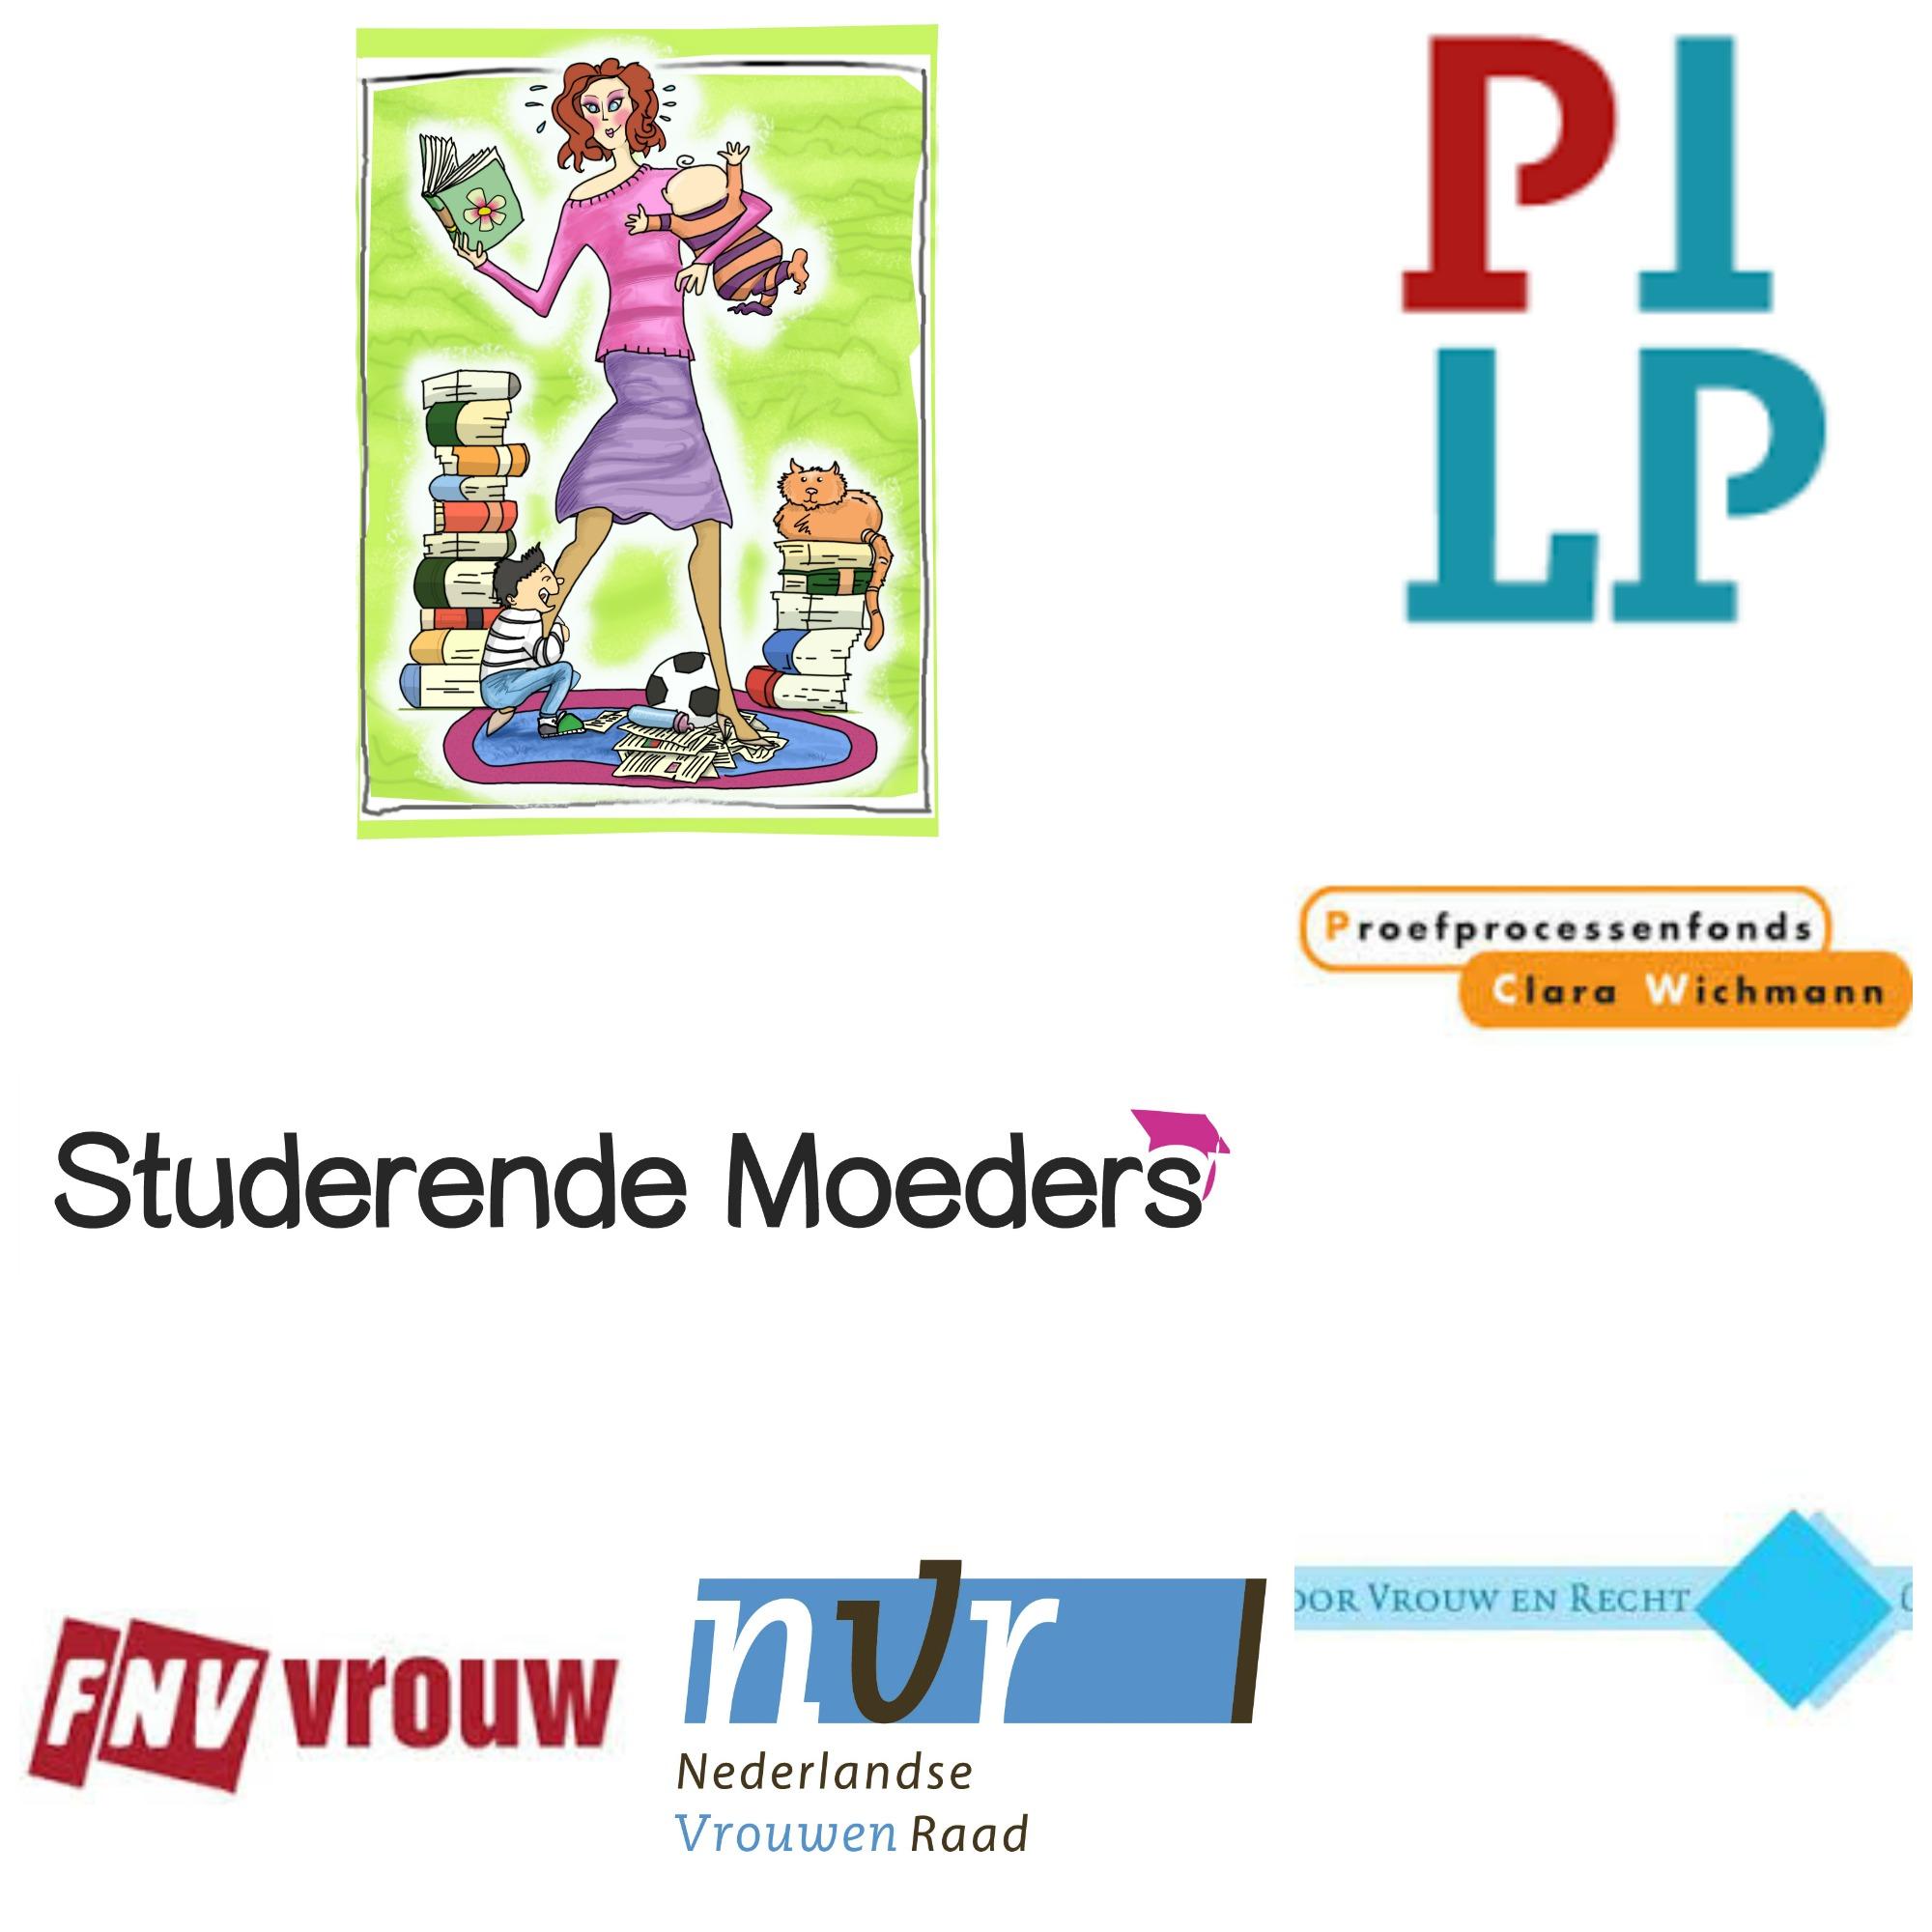 PicMonkey Collage coalitie lobby studerende moeders